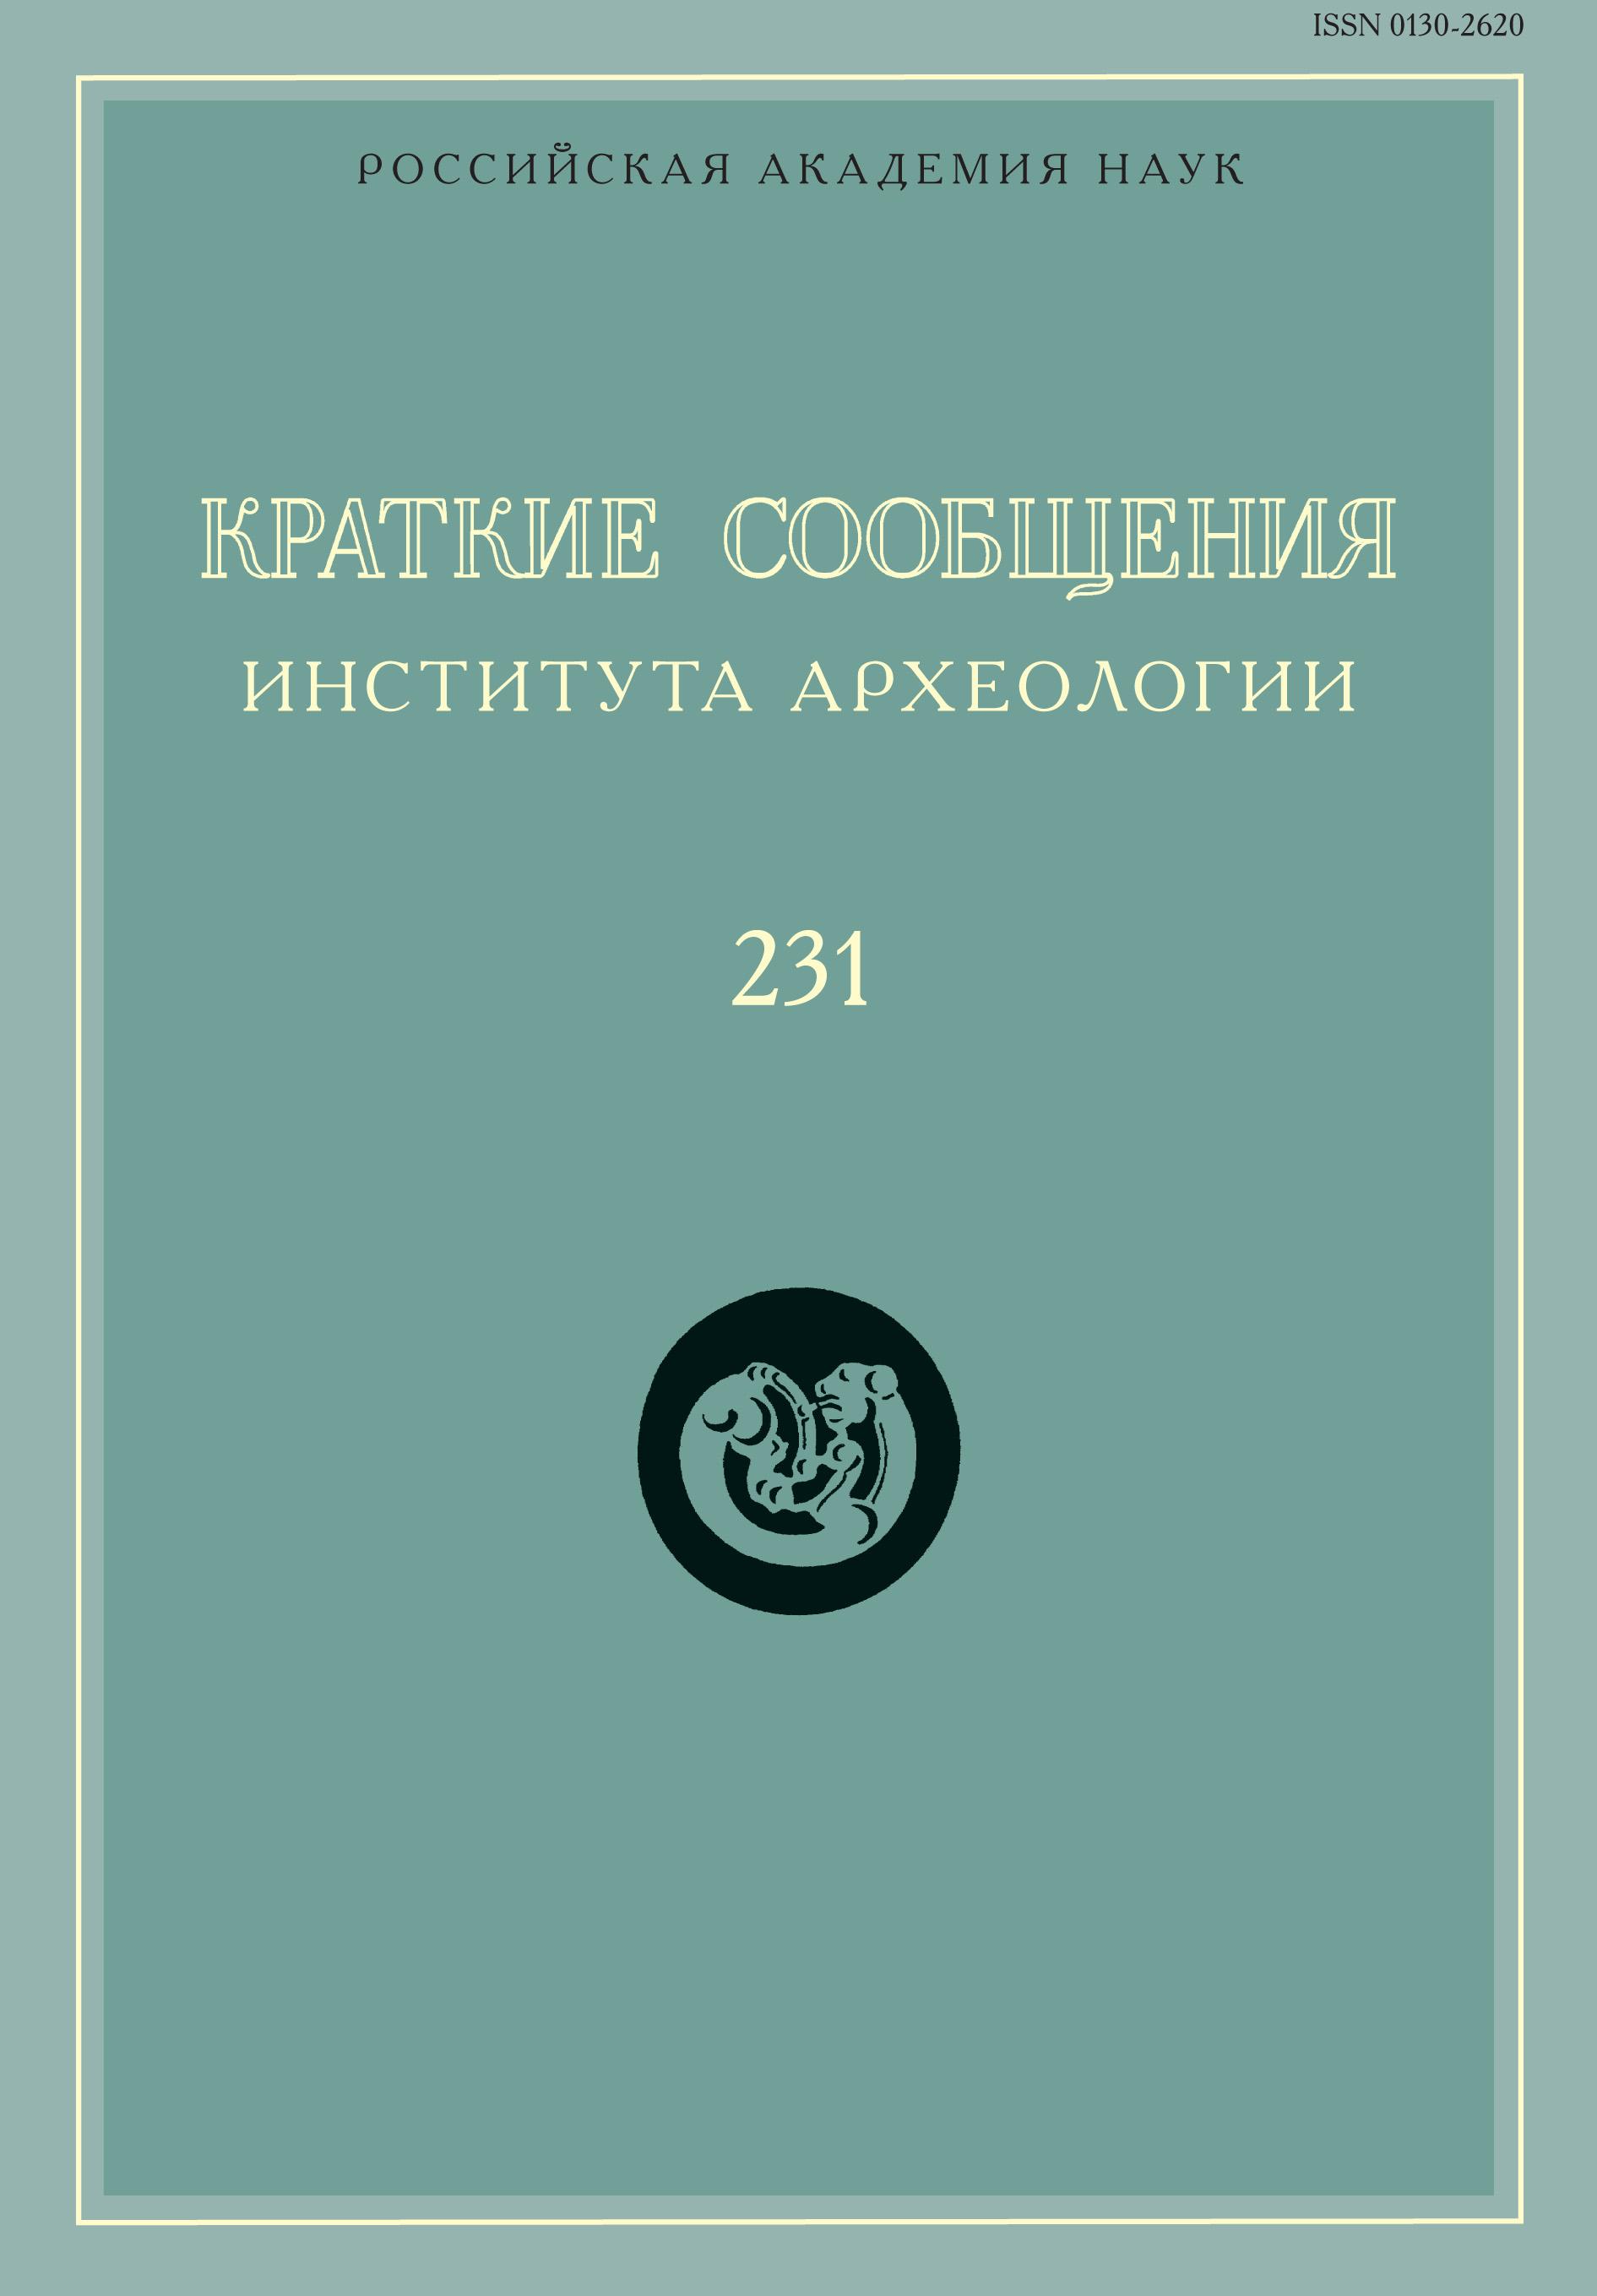 Краткие сообщения Института археологии. Выпуск 231